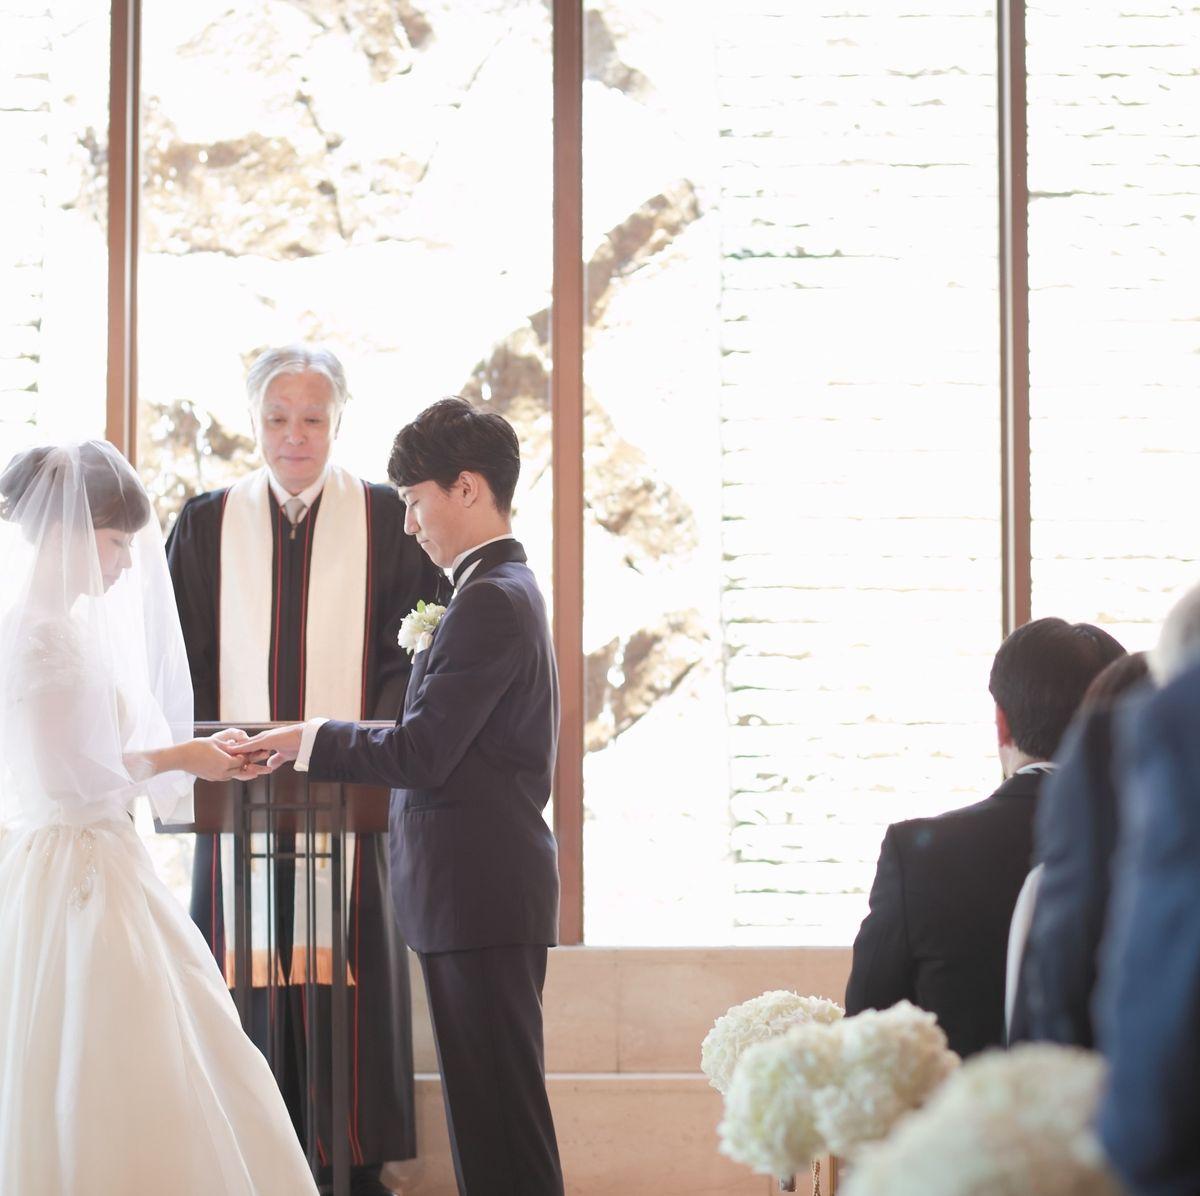 rrii.aさんのオリエンタルホテル 神戸・旧居留地写真1枚目